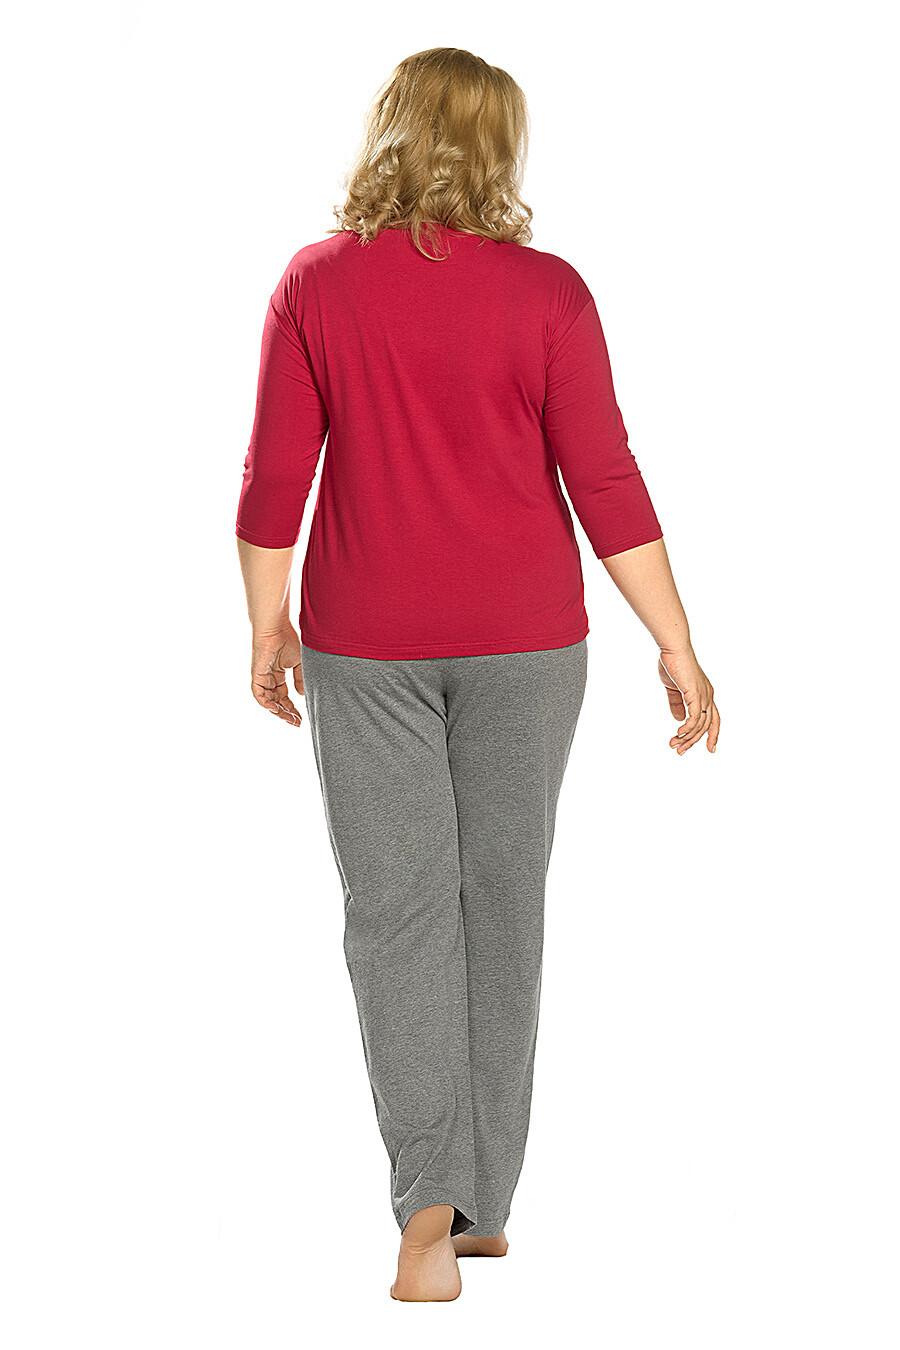 Комплект для женщин PELICAN 161500 купить оптом от производителя. Совместная покупка женской одежды в OptMoyo